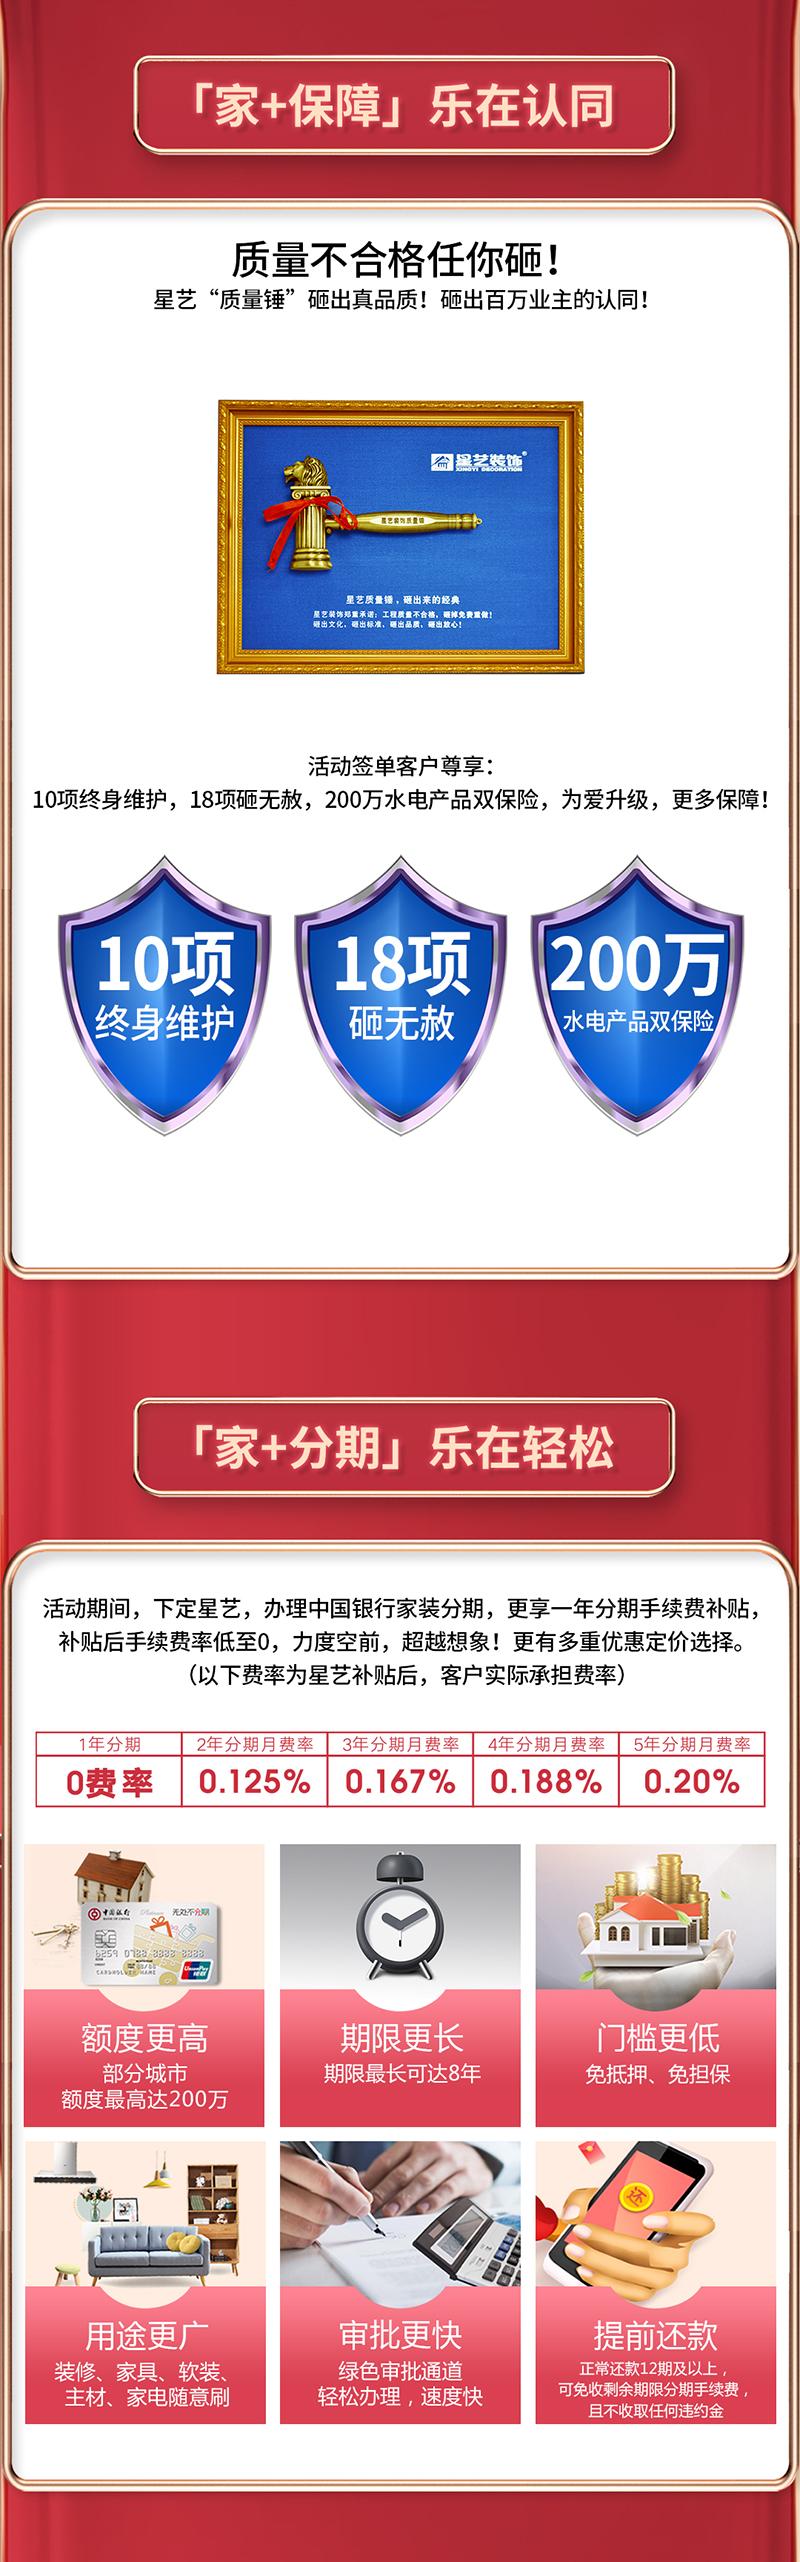 https://xystcdn.xydec.com.cn/uploadfiles/image/20201208/c657624453b5cd917f4cbd3f4b46bd9d.jpg